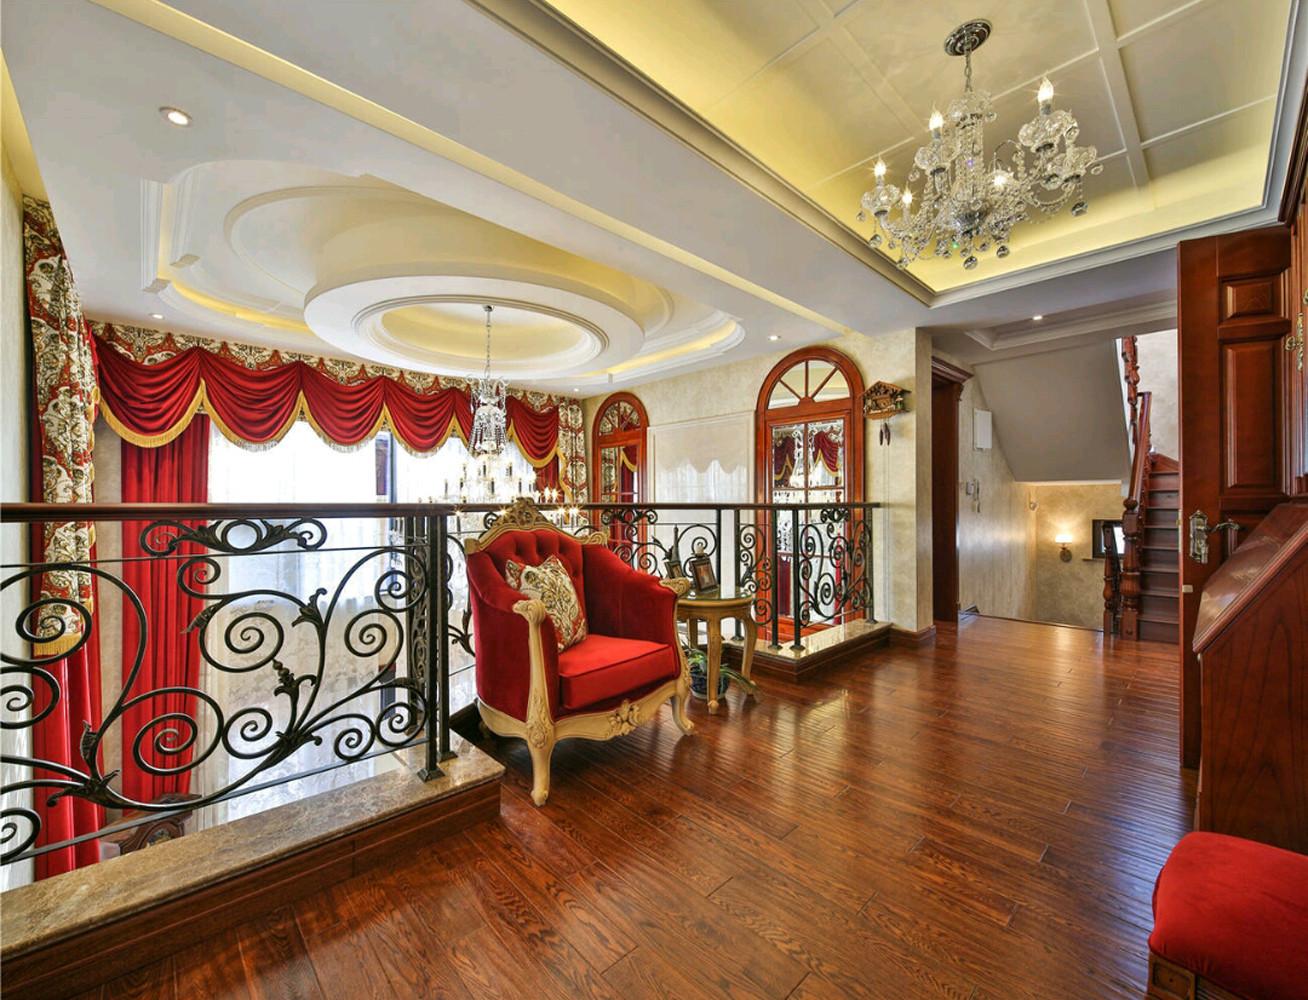 欧式别墅装修楼梯走廊图片